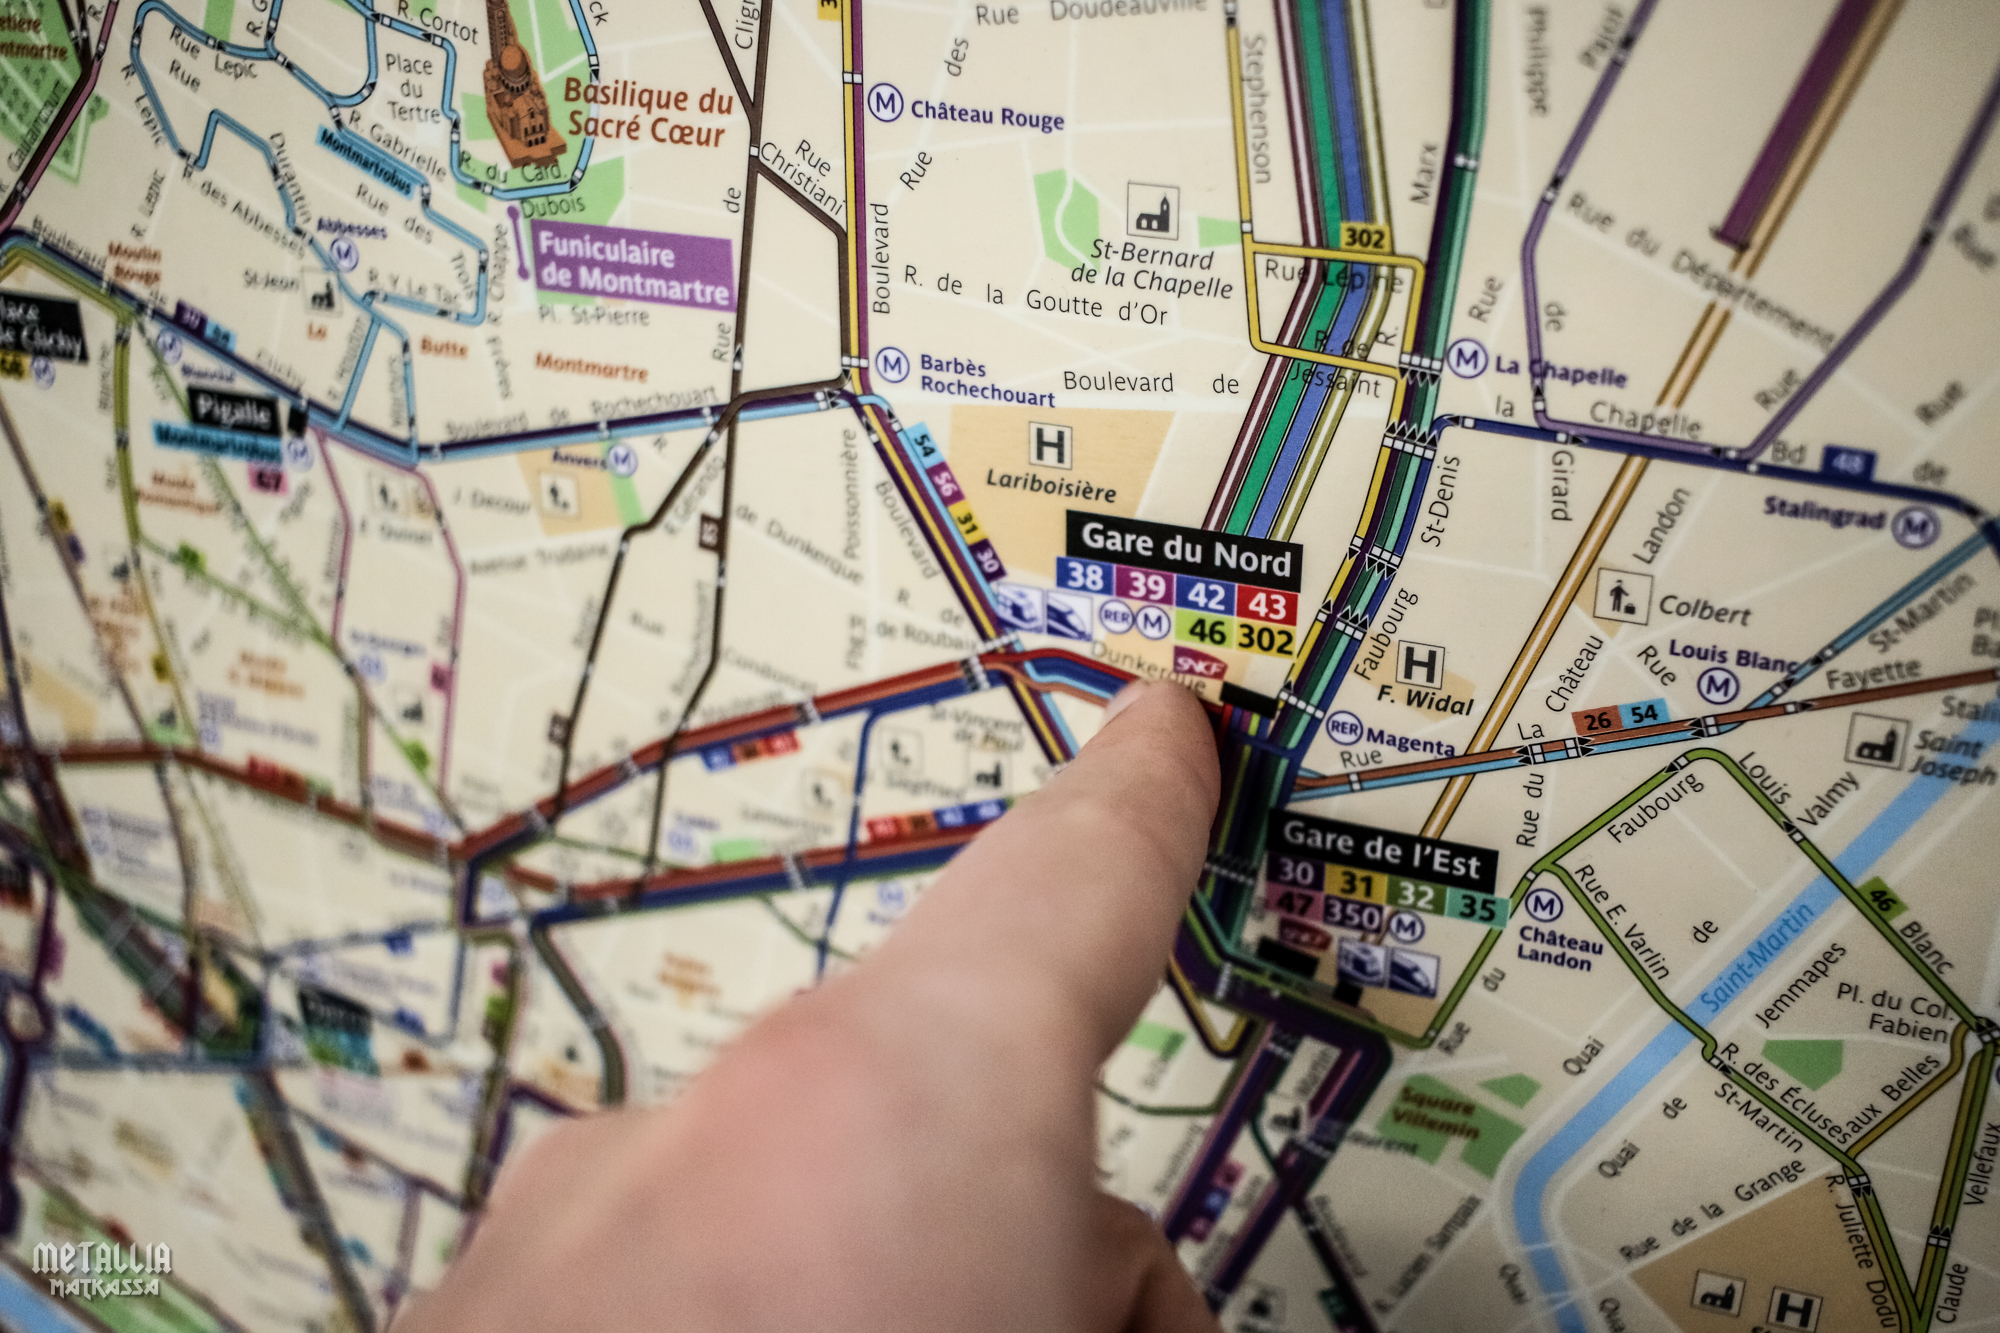 pariisi, pariisin metro, paris metro, gare du nord